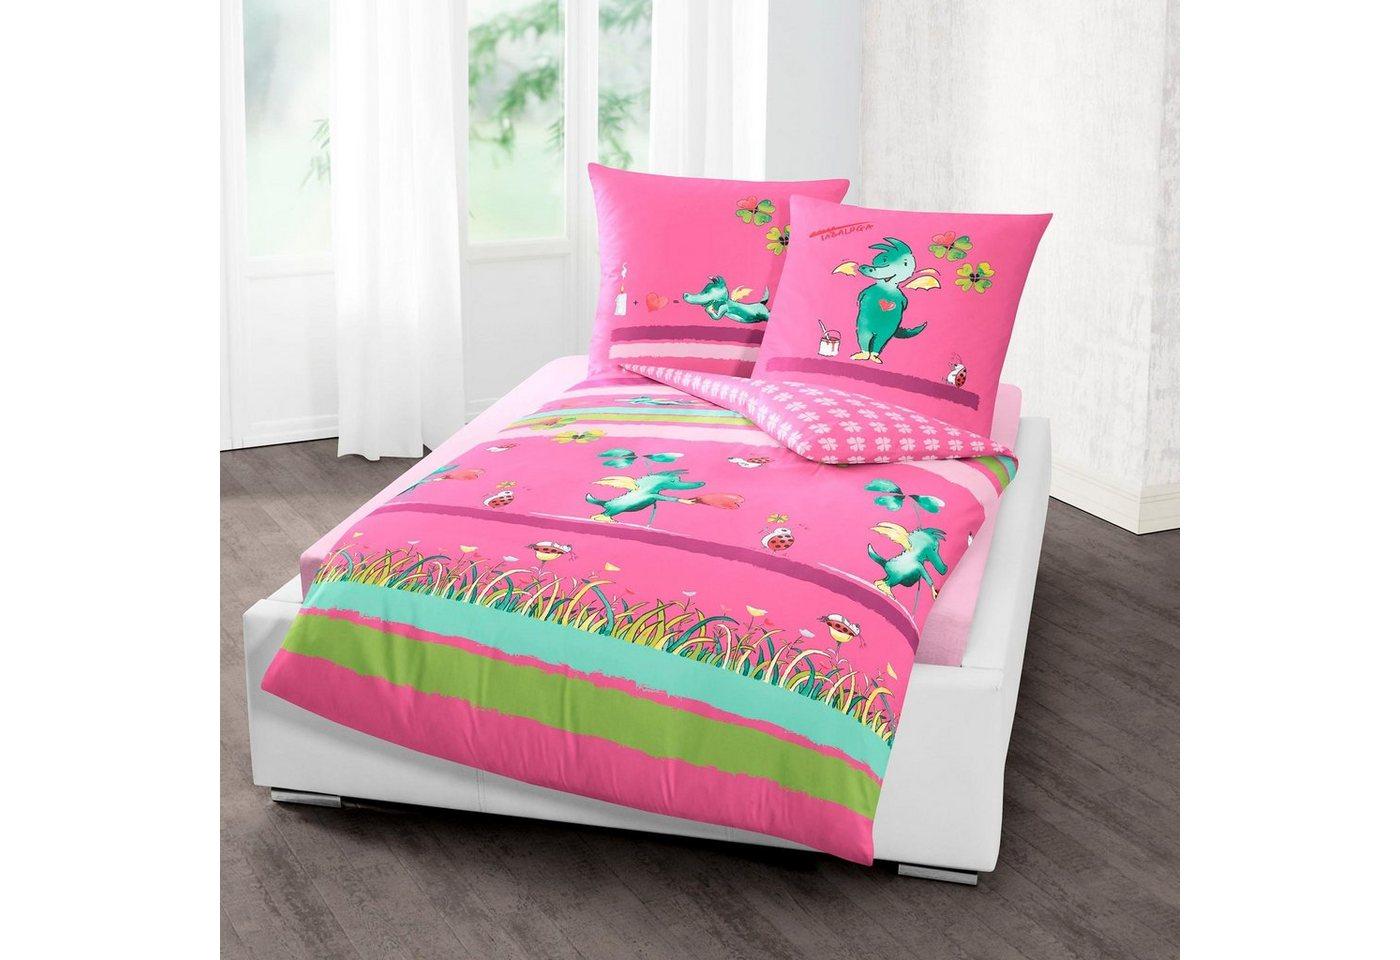 Kinderbettwäsche »Kleeblatt«, TABALUGA, mit Tabaluga | Kinderzimmer > Textilien für Kinder > Kinderbettwäsche | Rosa | TABALUGA